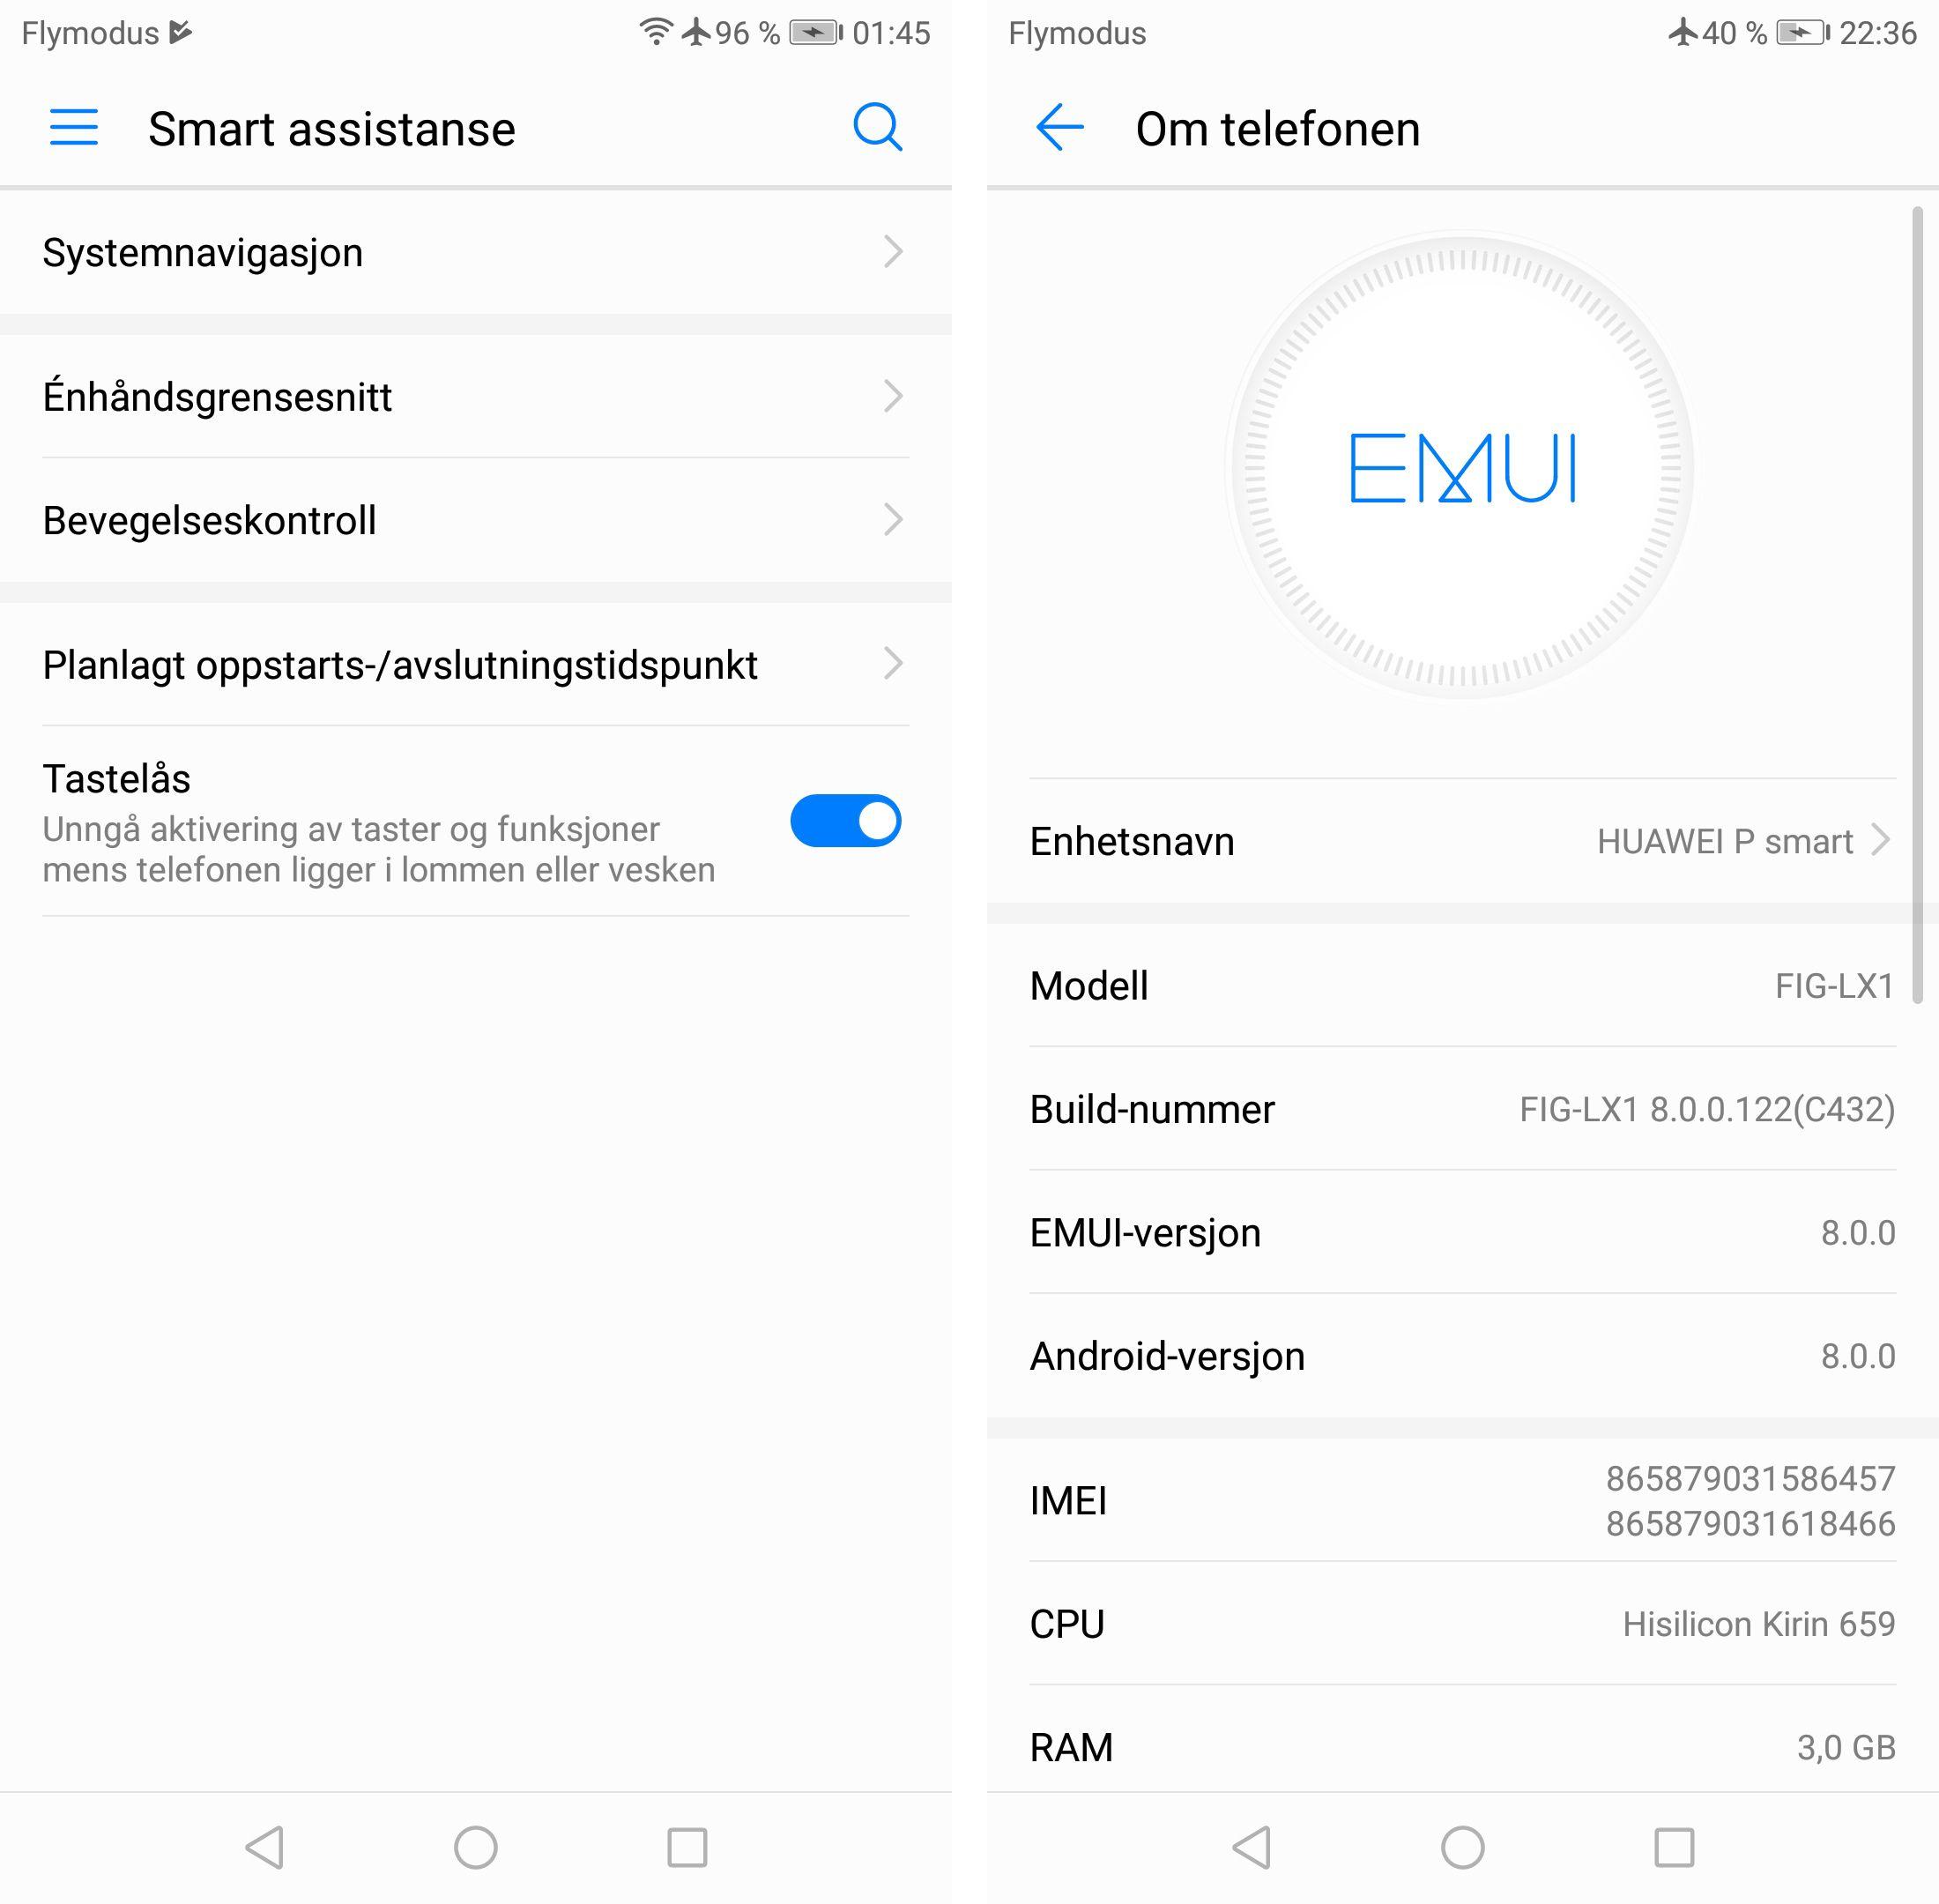 Rimelige telefoner med Android 8 er det ikke fryktelig mange av, så her skårer P Smart sterkt. Det skal likevel sies at siste sikkerhetsoppdatering er fra desember. Funksjonsmessig er det litt mer sparsomt her enn på dyrere Huawei-modeller, men den smarte timer-funksjonen for av- og påslåing er likevel med.